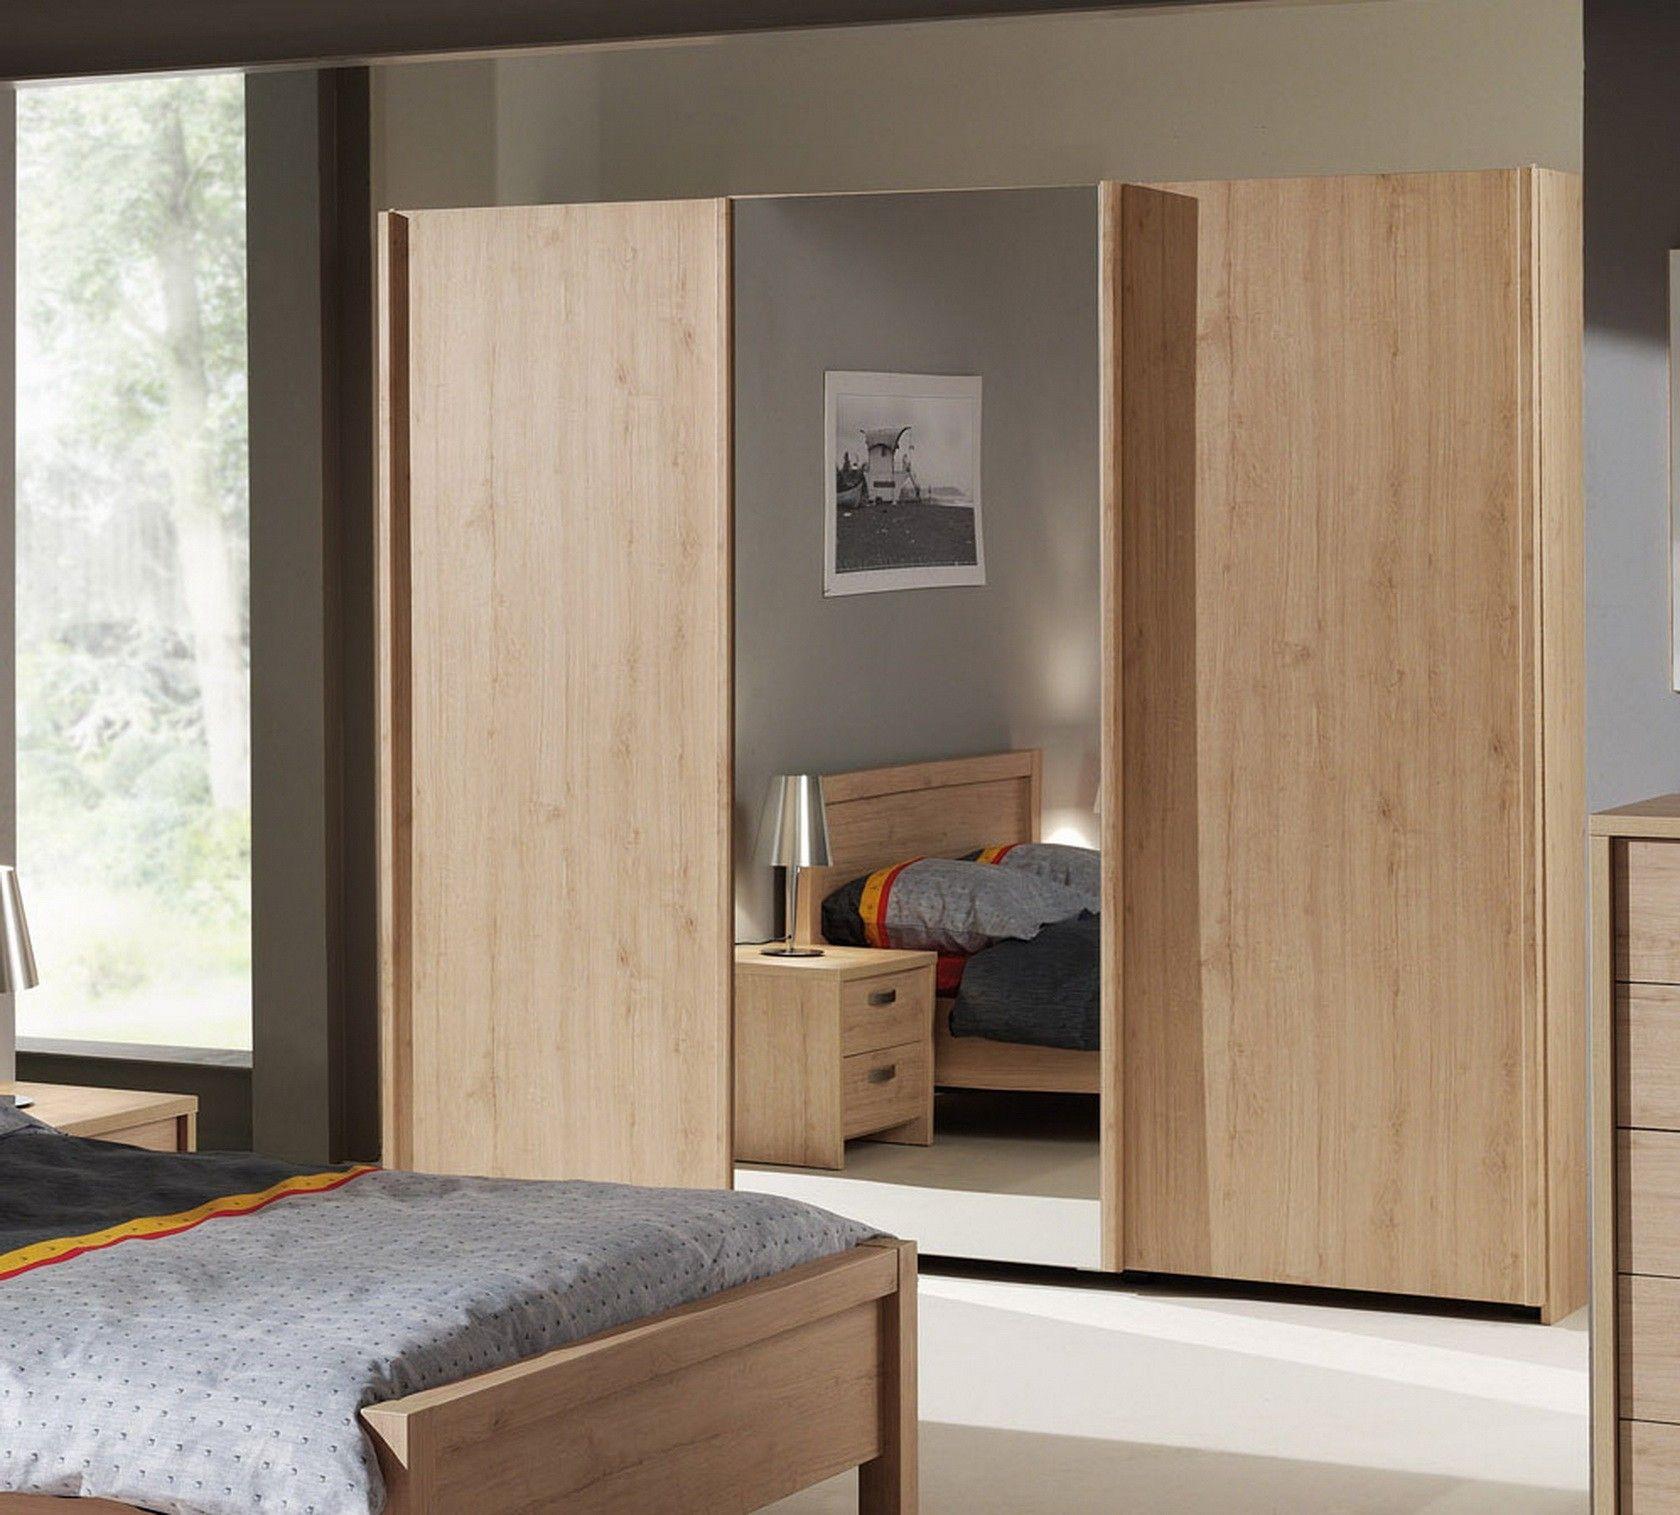 Armoire Bois A 3 Portes Coulissantes Couleur Chene Porte Coulissante Chambre A Coucher Complete Armoire